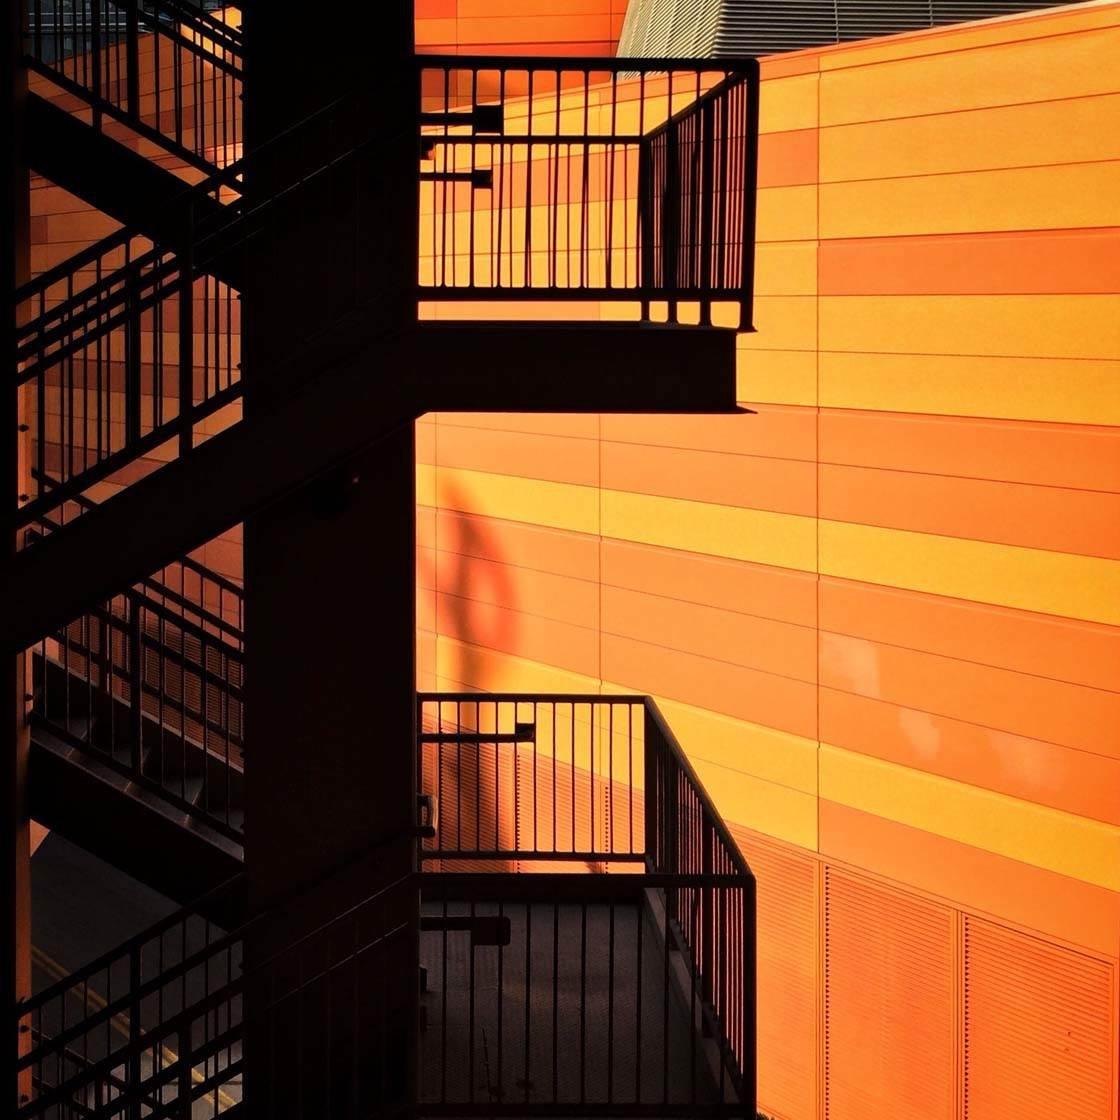 iPhone Abstract Photos 2 no script